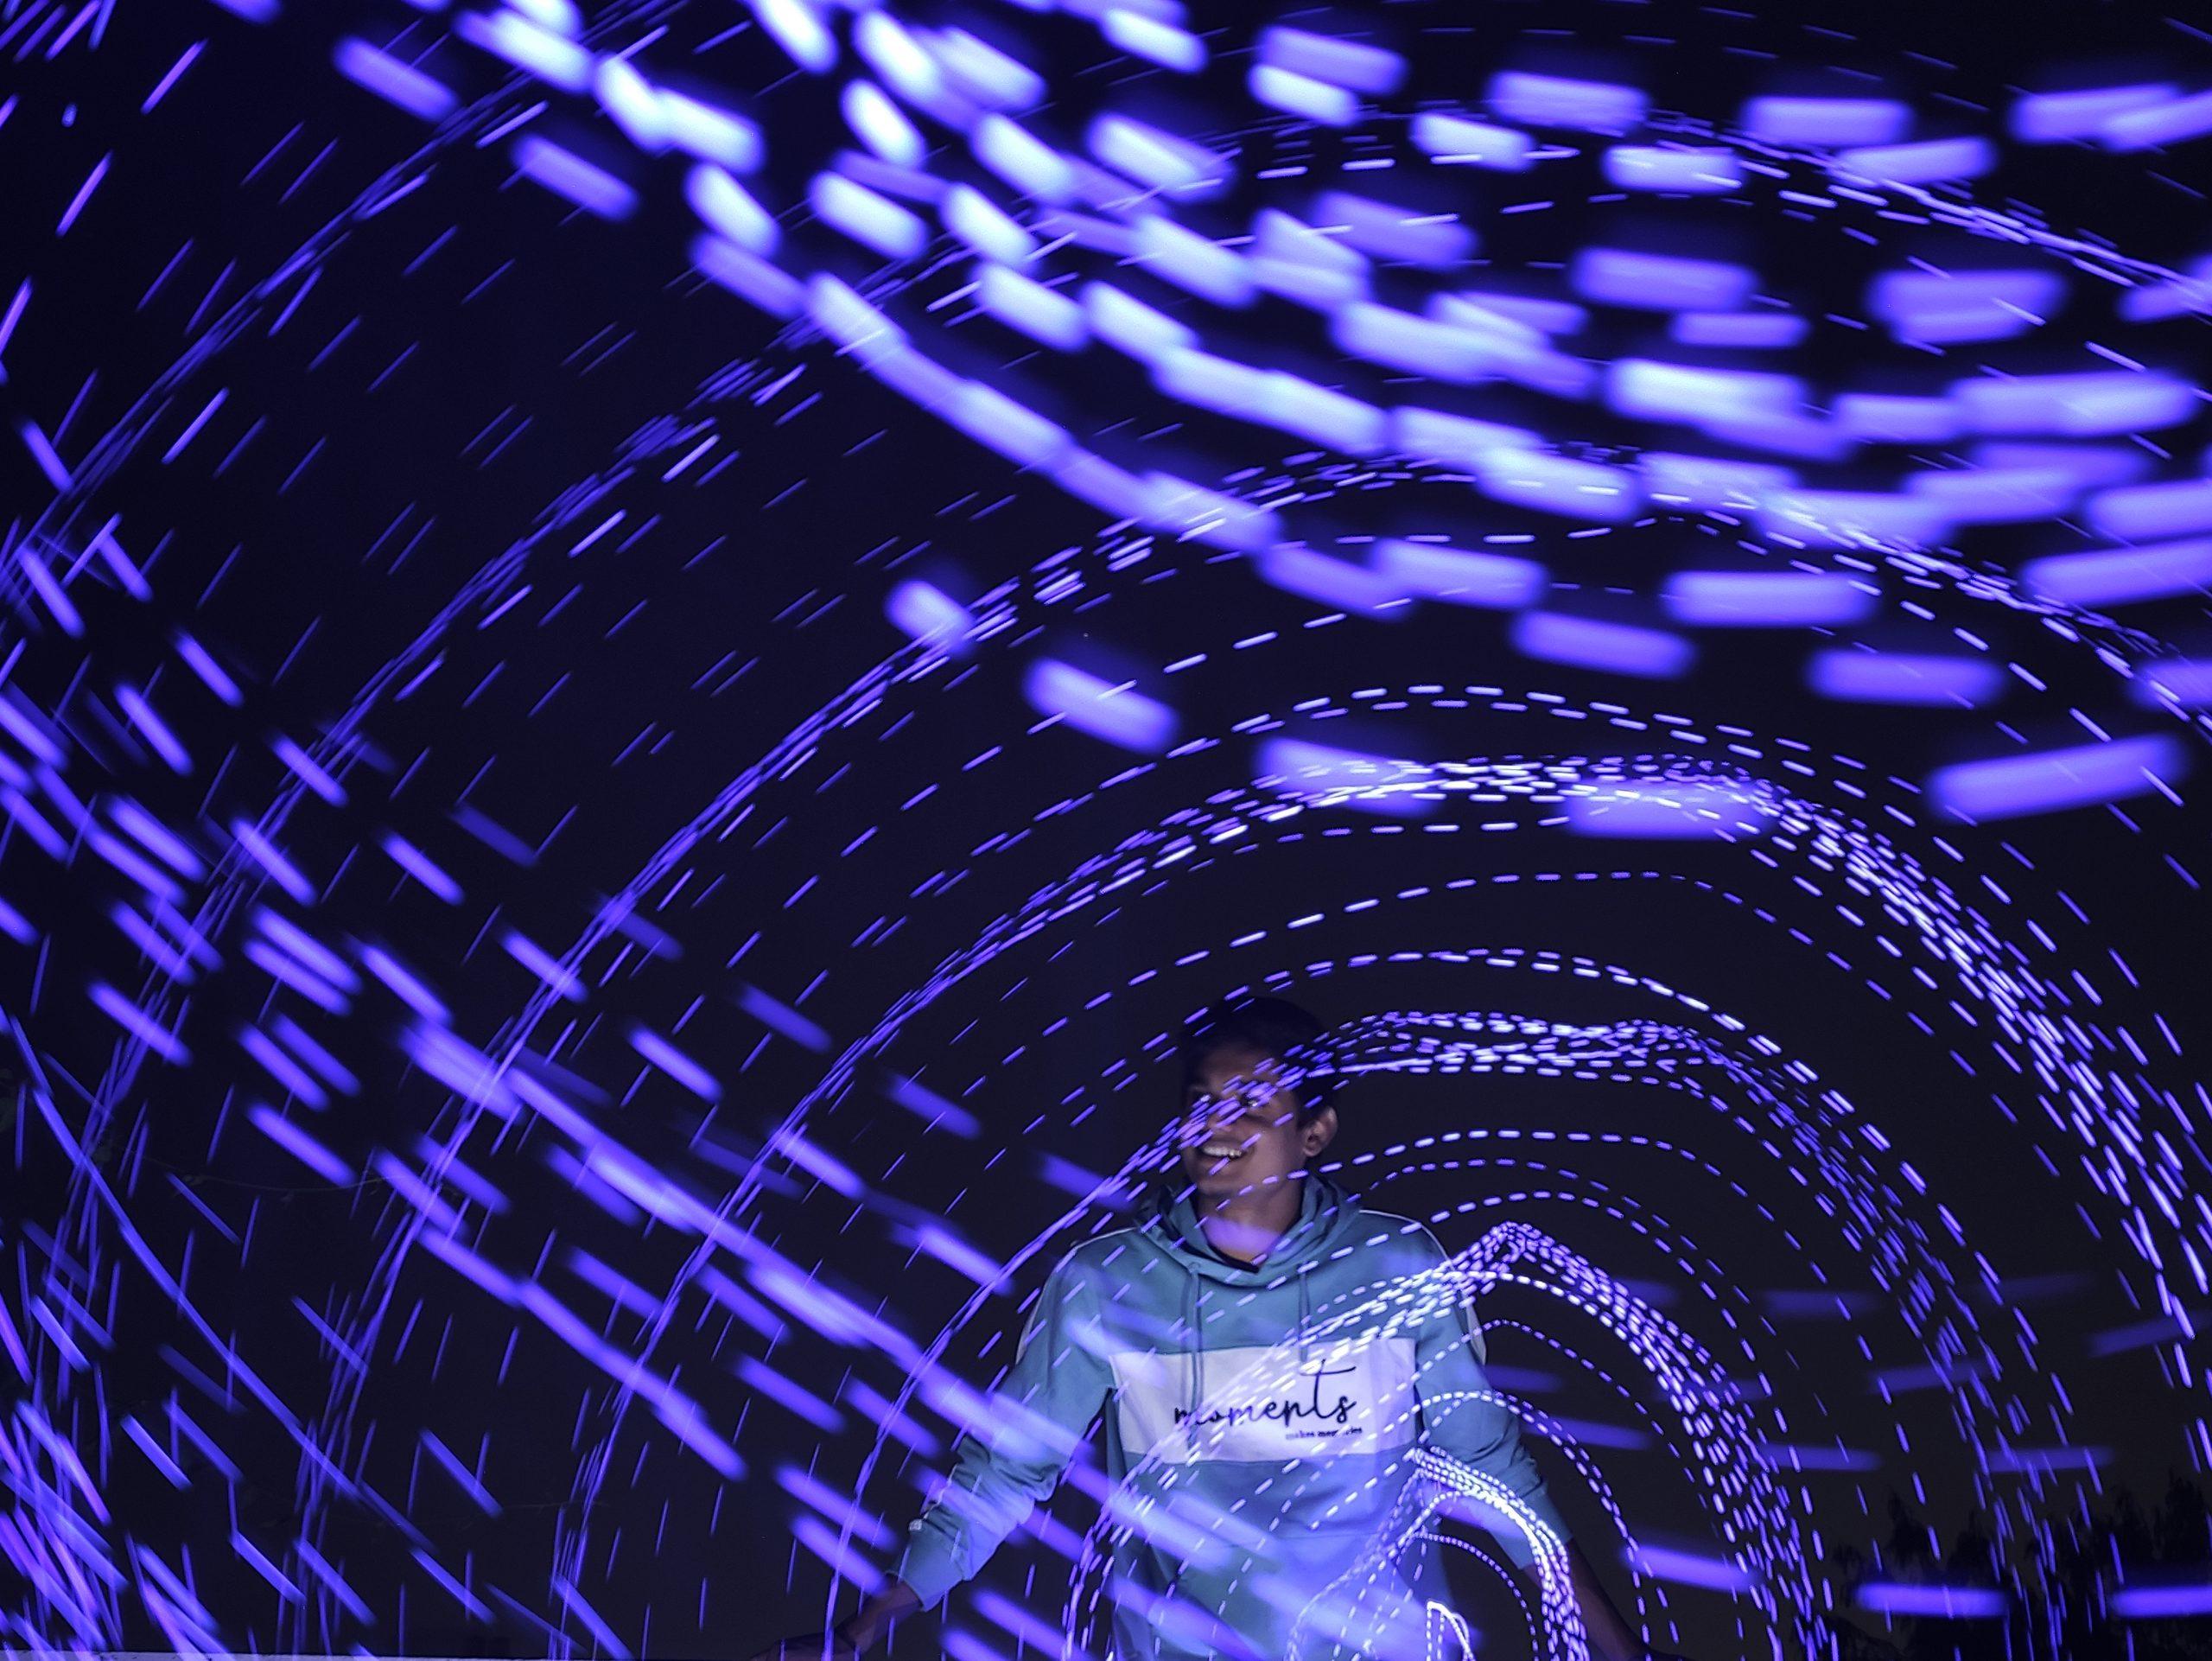 A boy in spiral lights